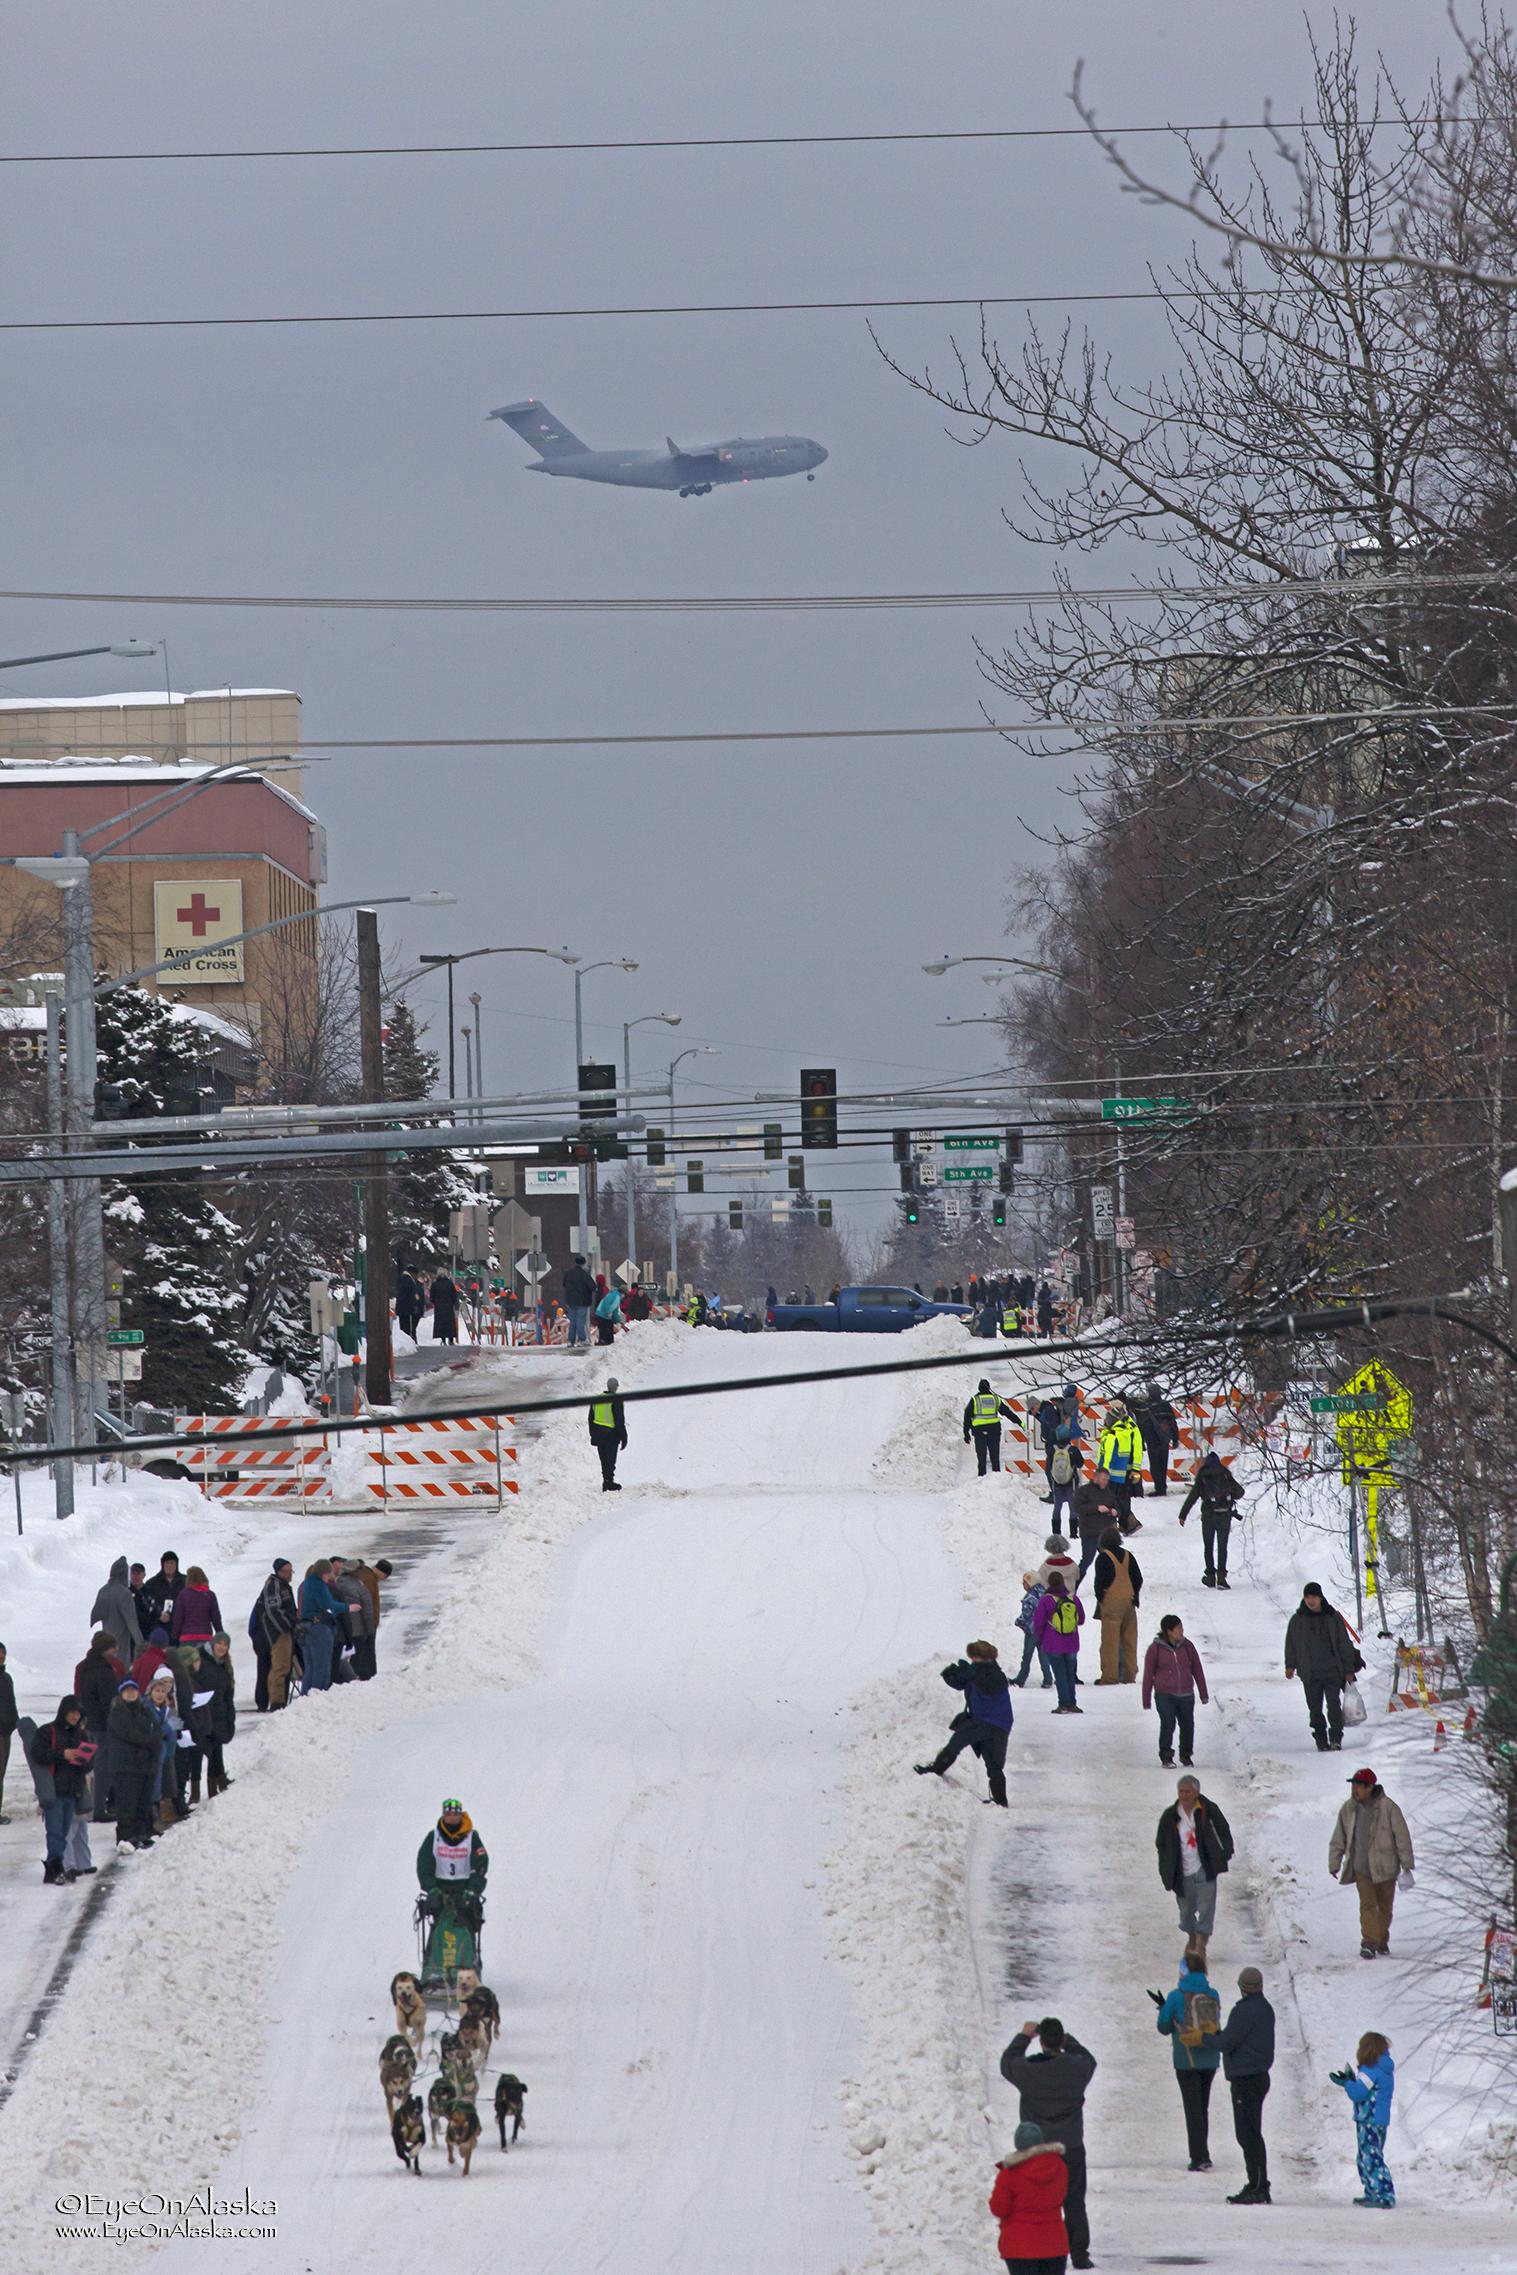 C-17 landing at Elmendorf AFB.